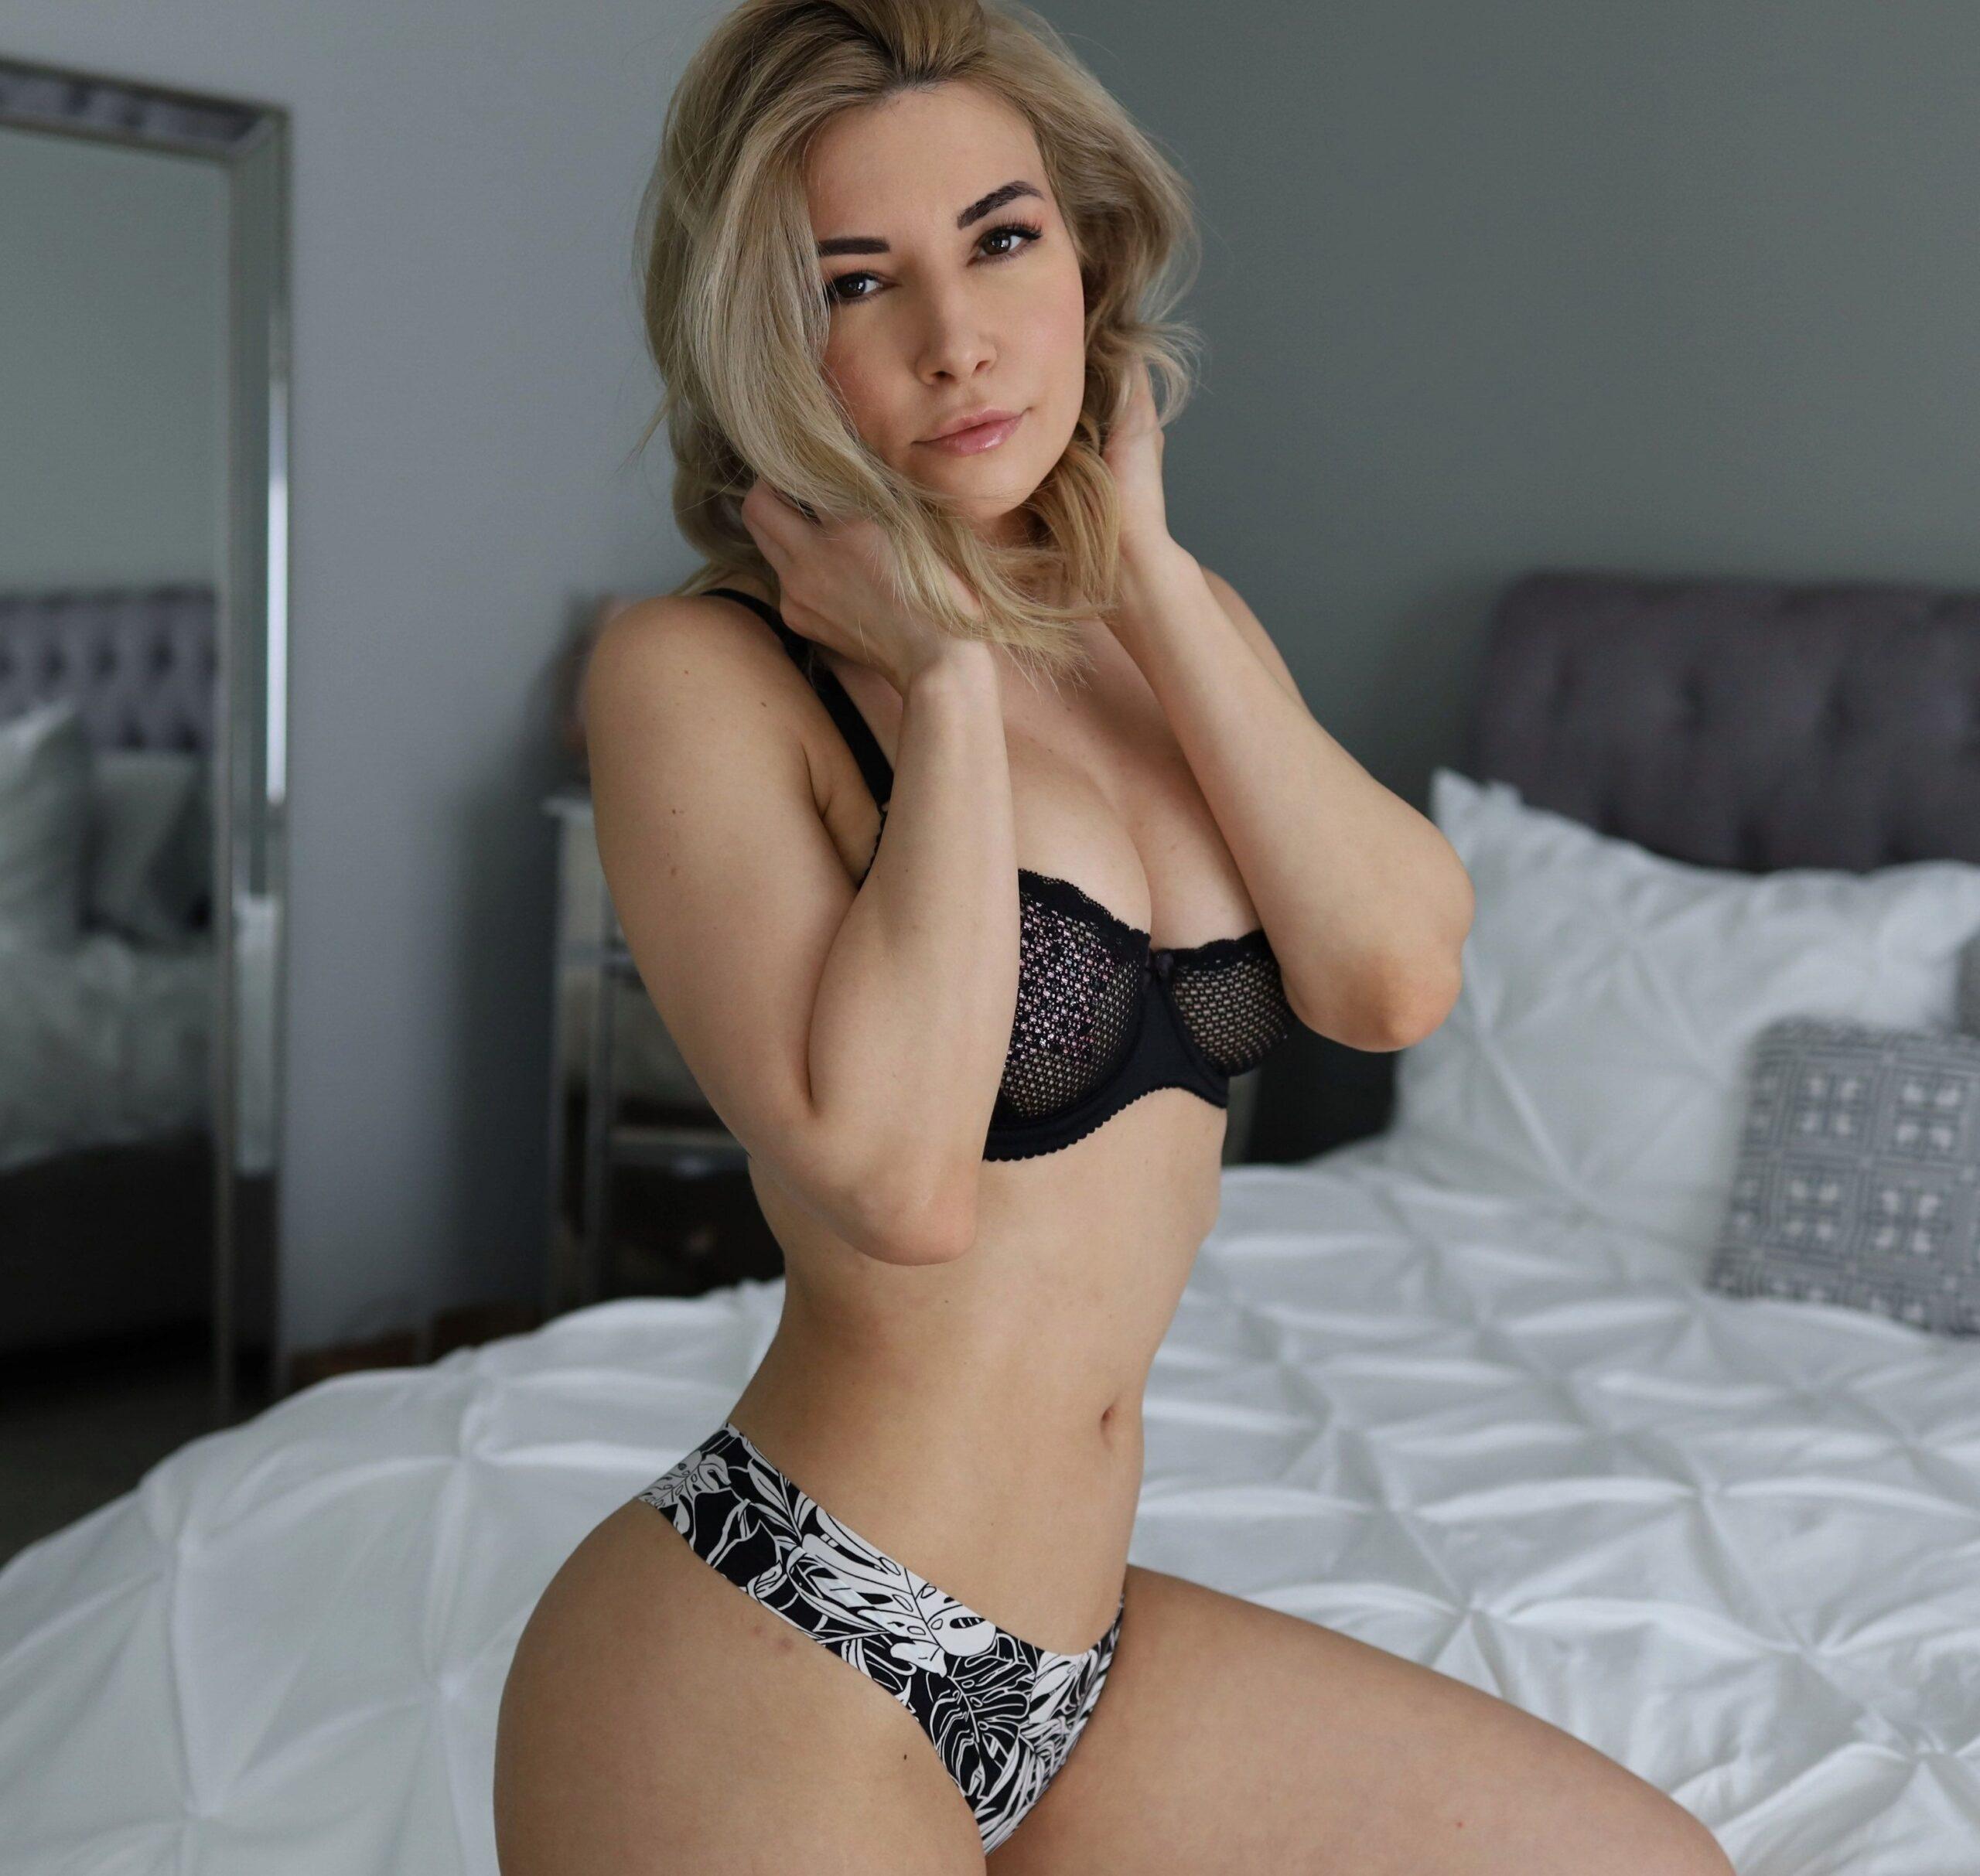 Hermosa mujer xxx Twitch Star Alinity 1